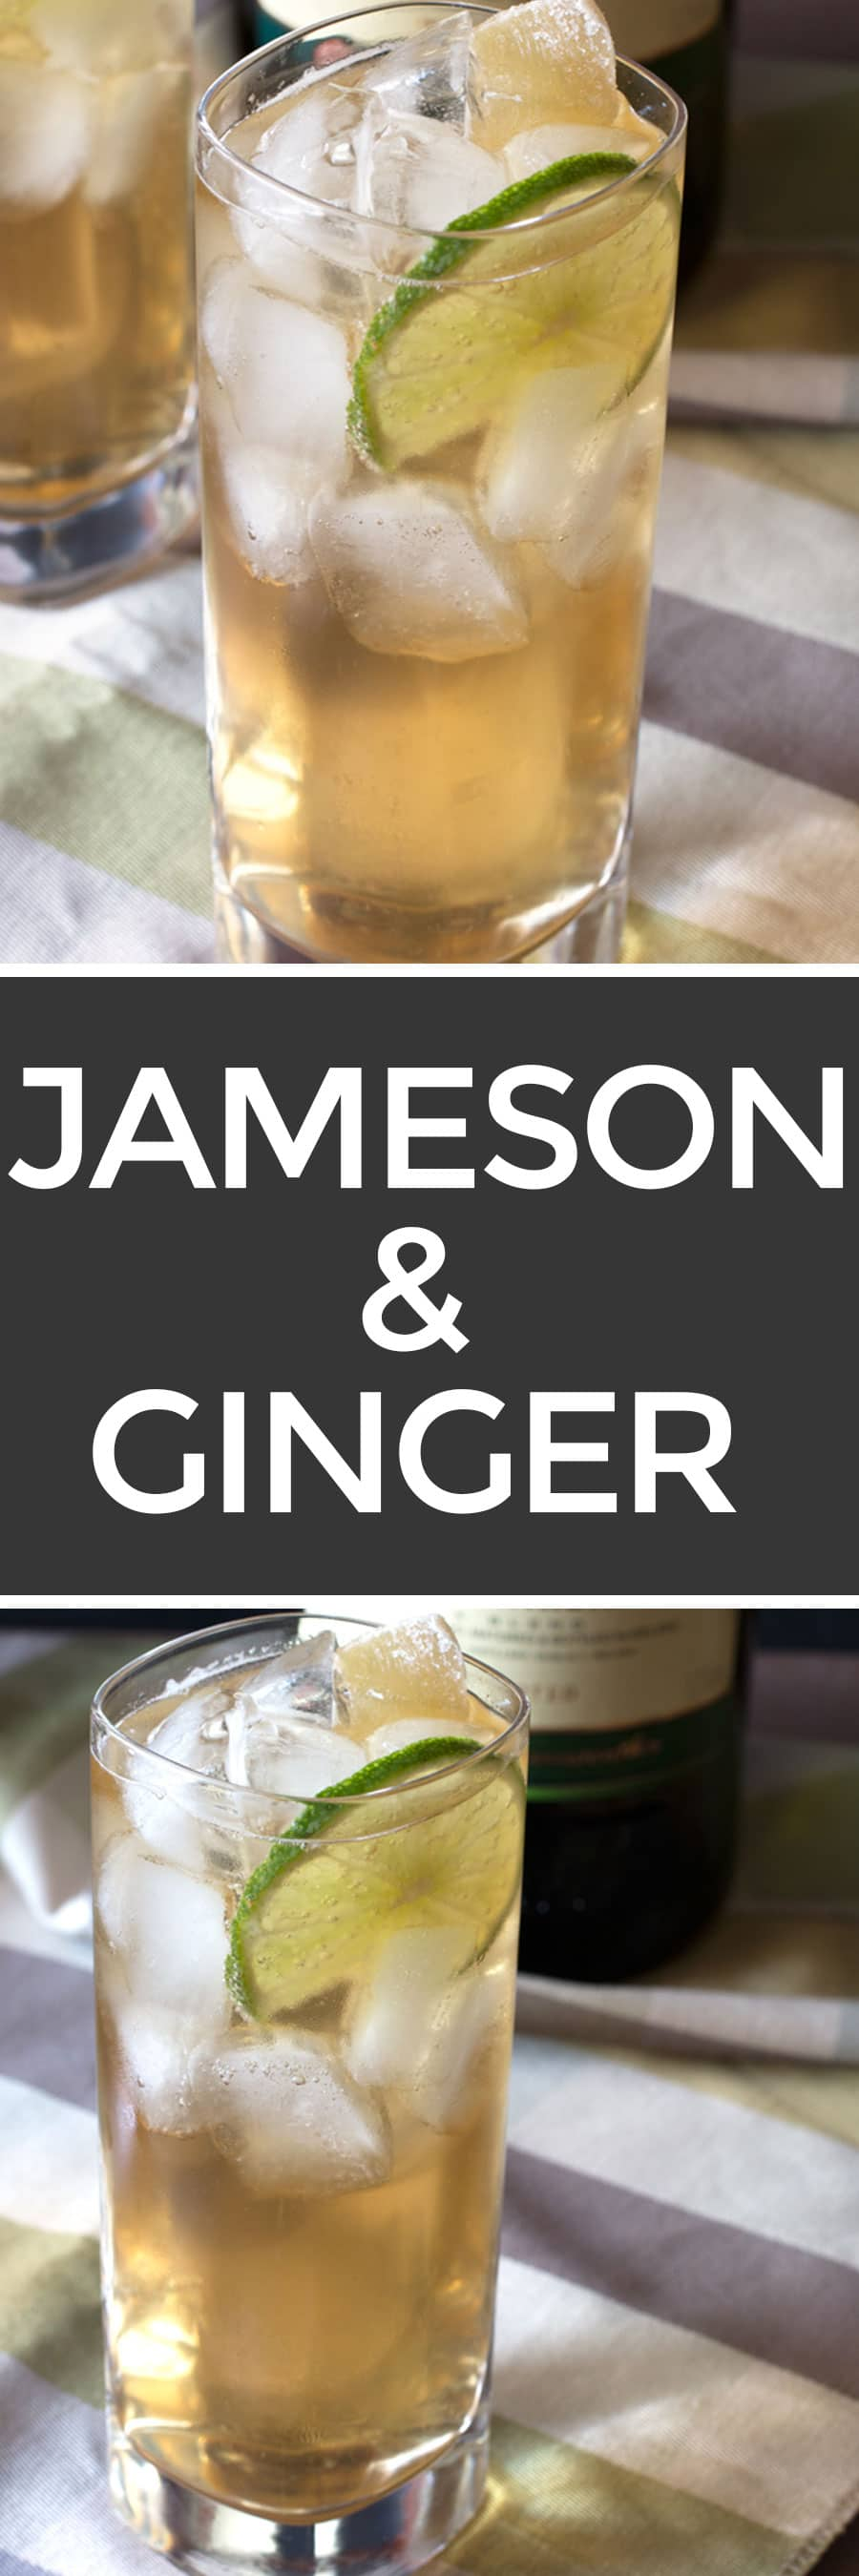 Jameson & Ginger | cakenknife.com #appetizer #beef #snack #stpatricksday